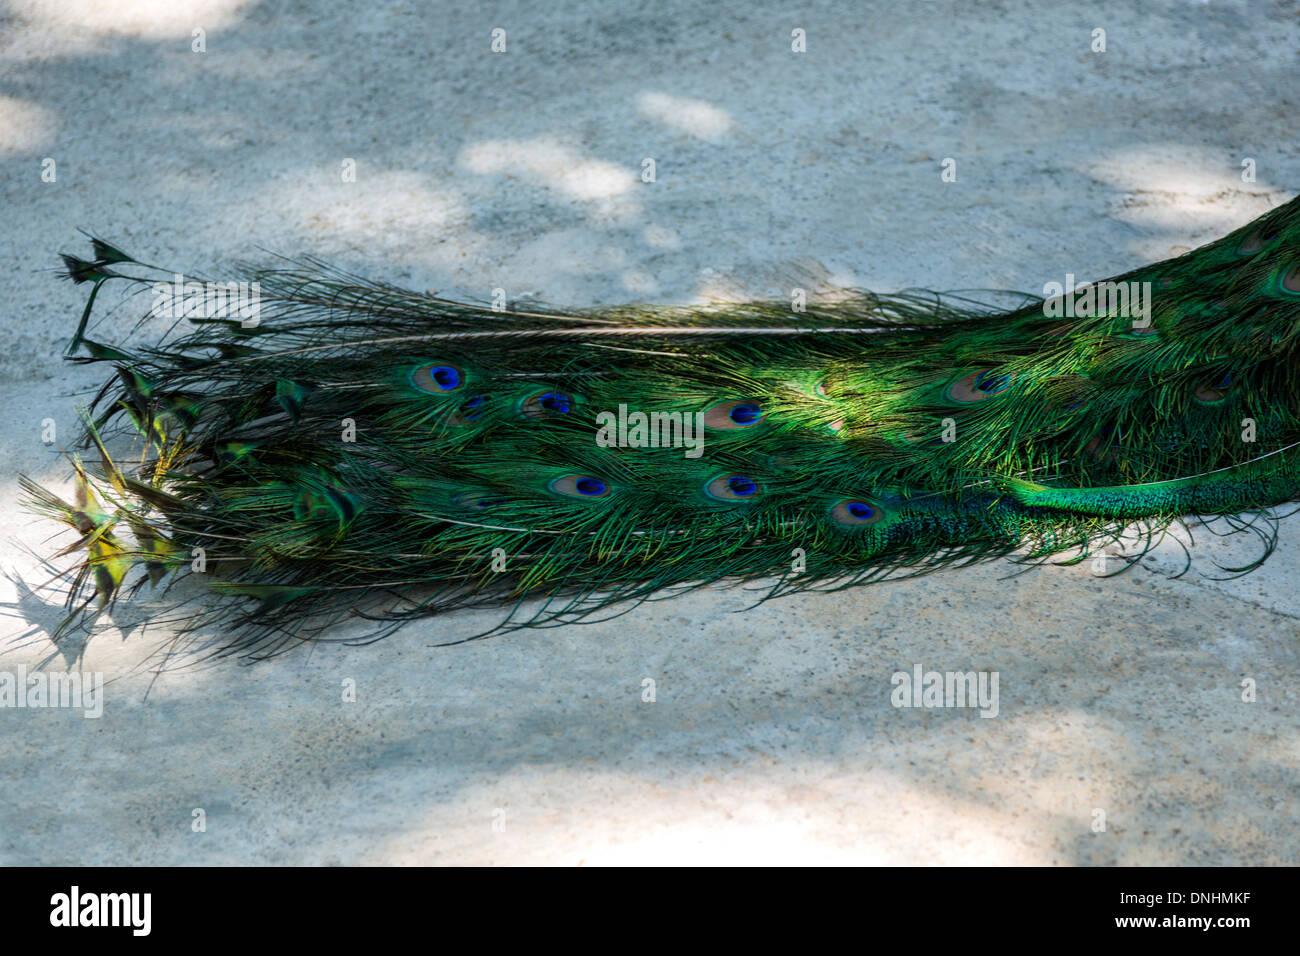 Les plumes de la queue des mâles paons indiens (Pavo cristatus), le Zoo de Barcelone, Barcelone, Catalogne, Espagne Banque D'Images